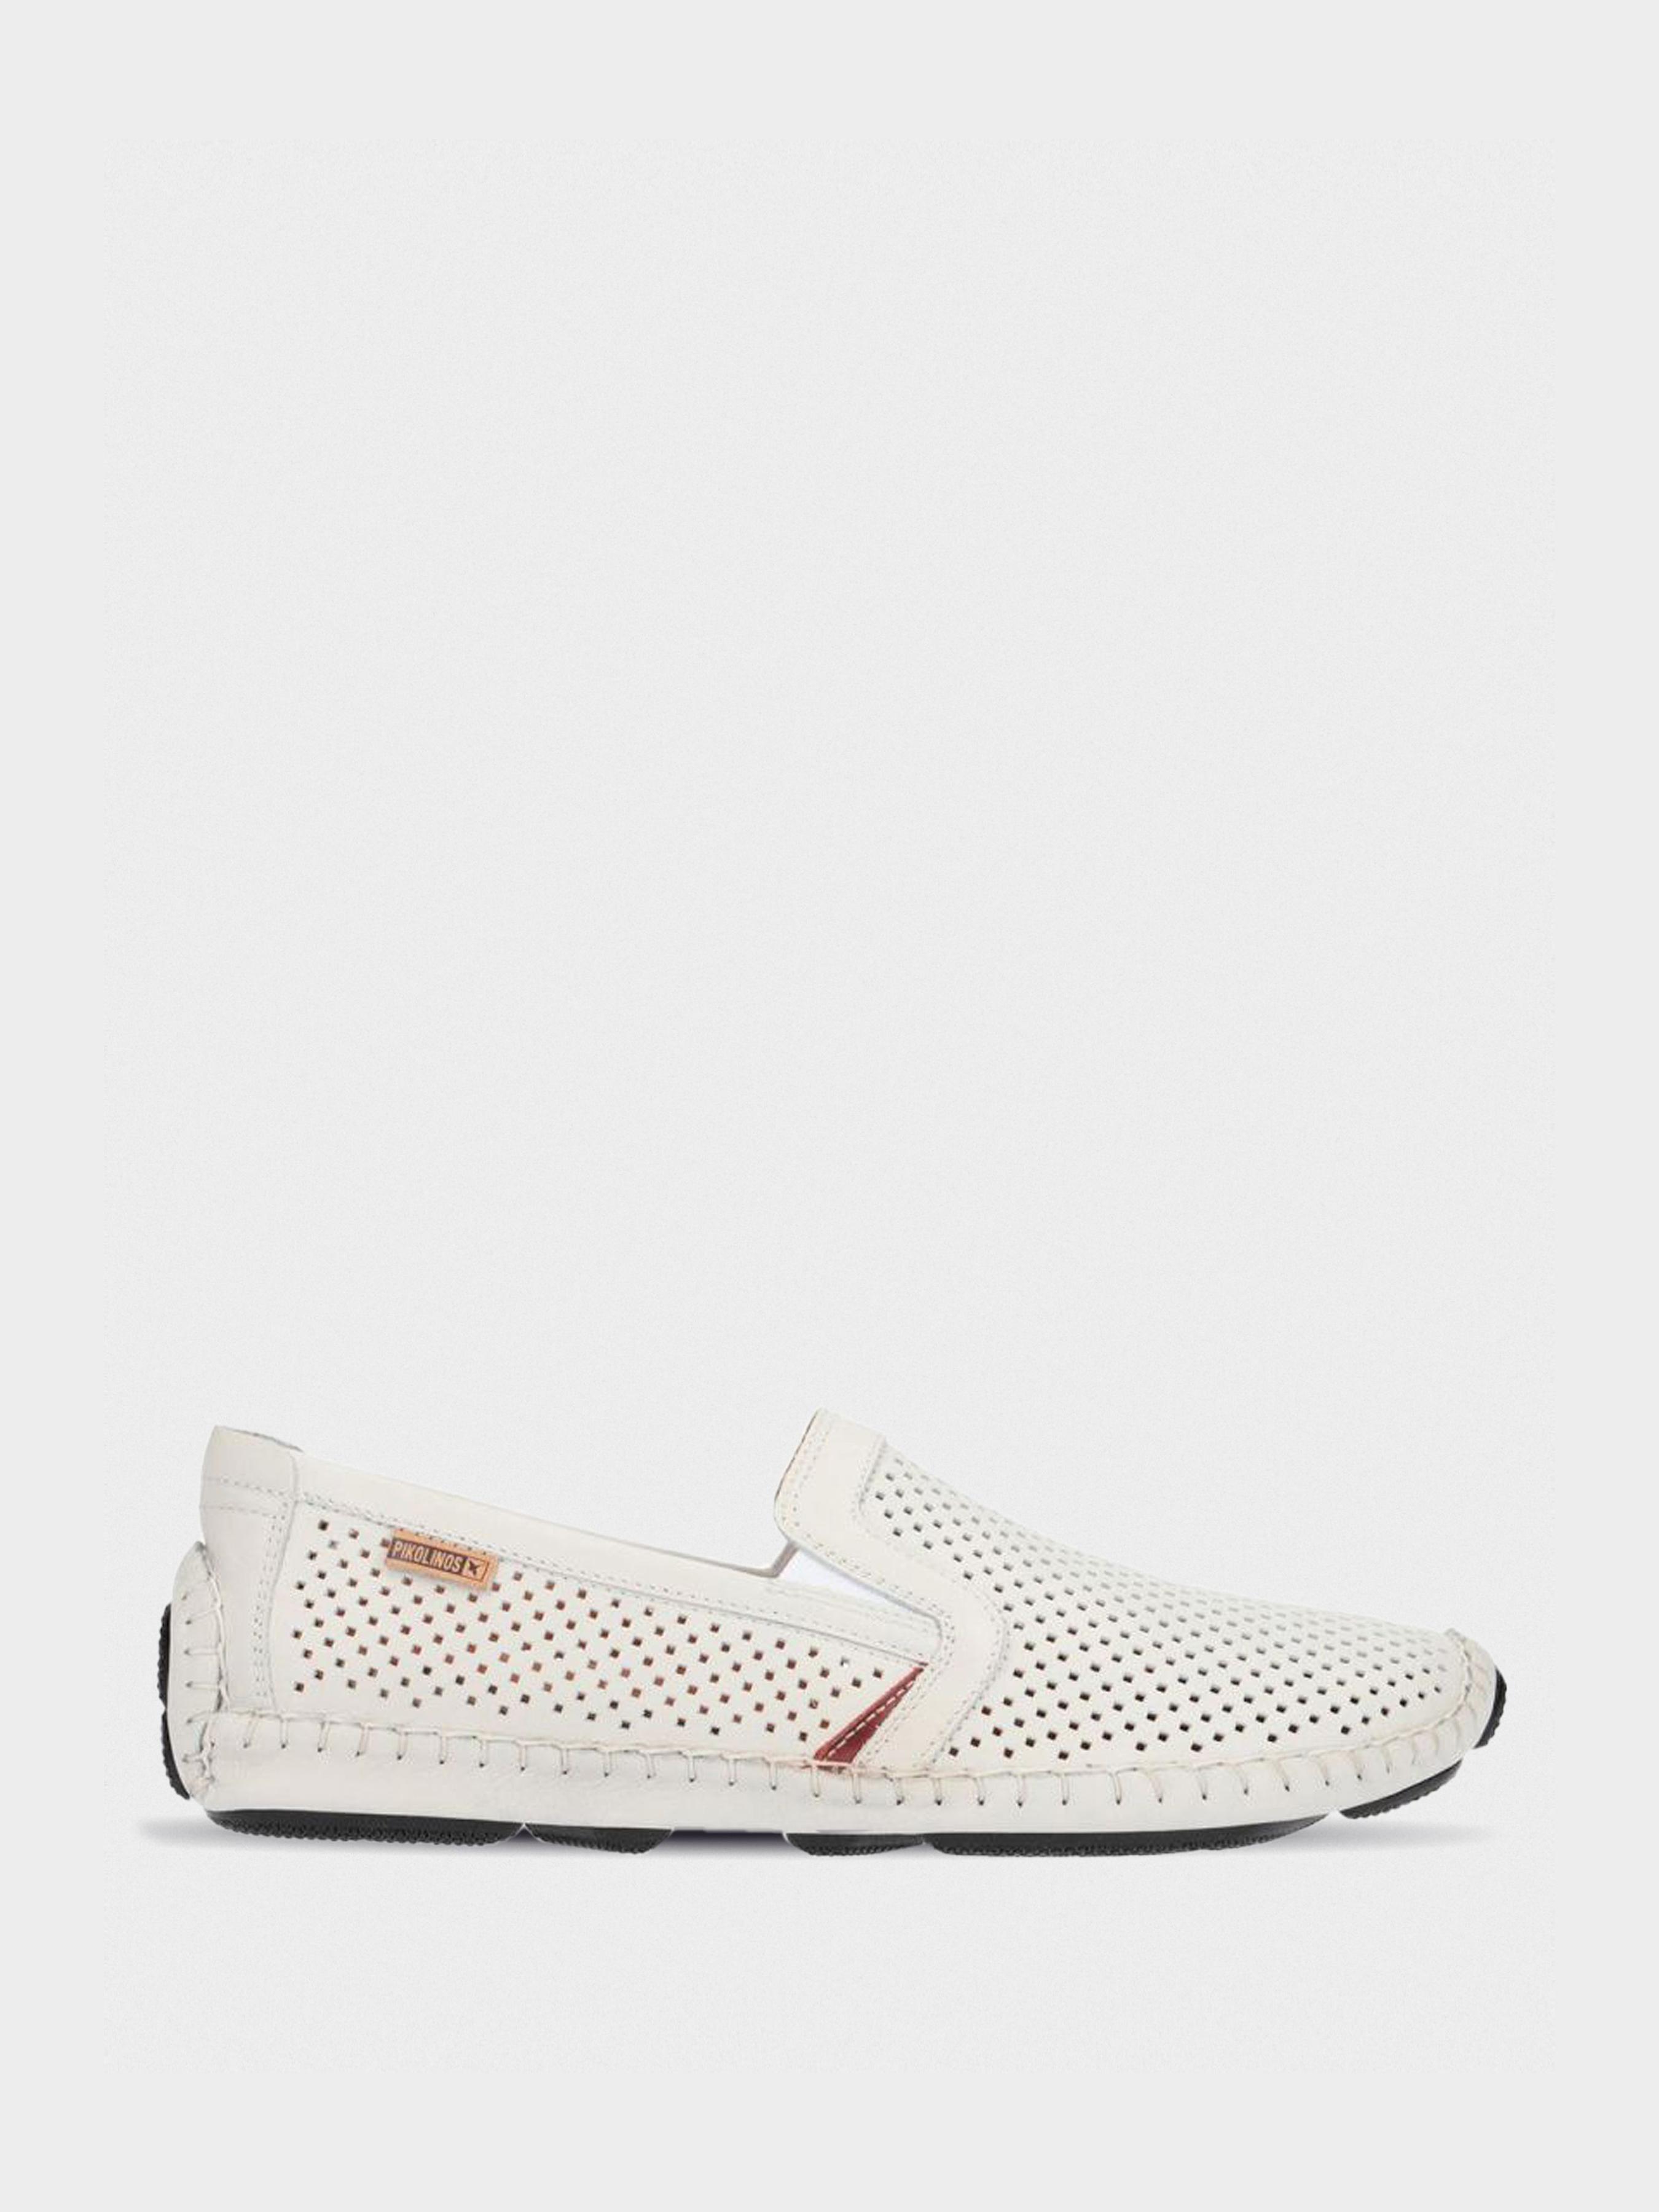 Полуботинки для мужчин PIKOLINOS SH290 модная обувь, 2017